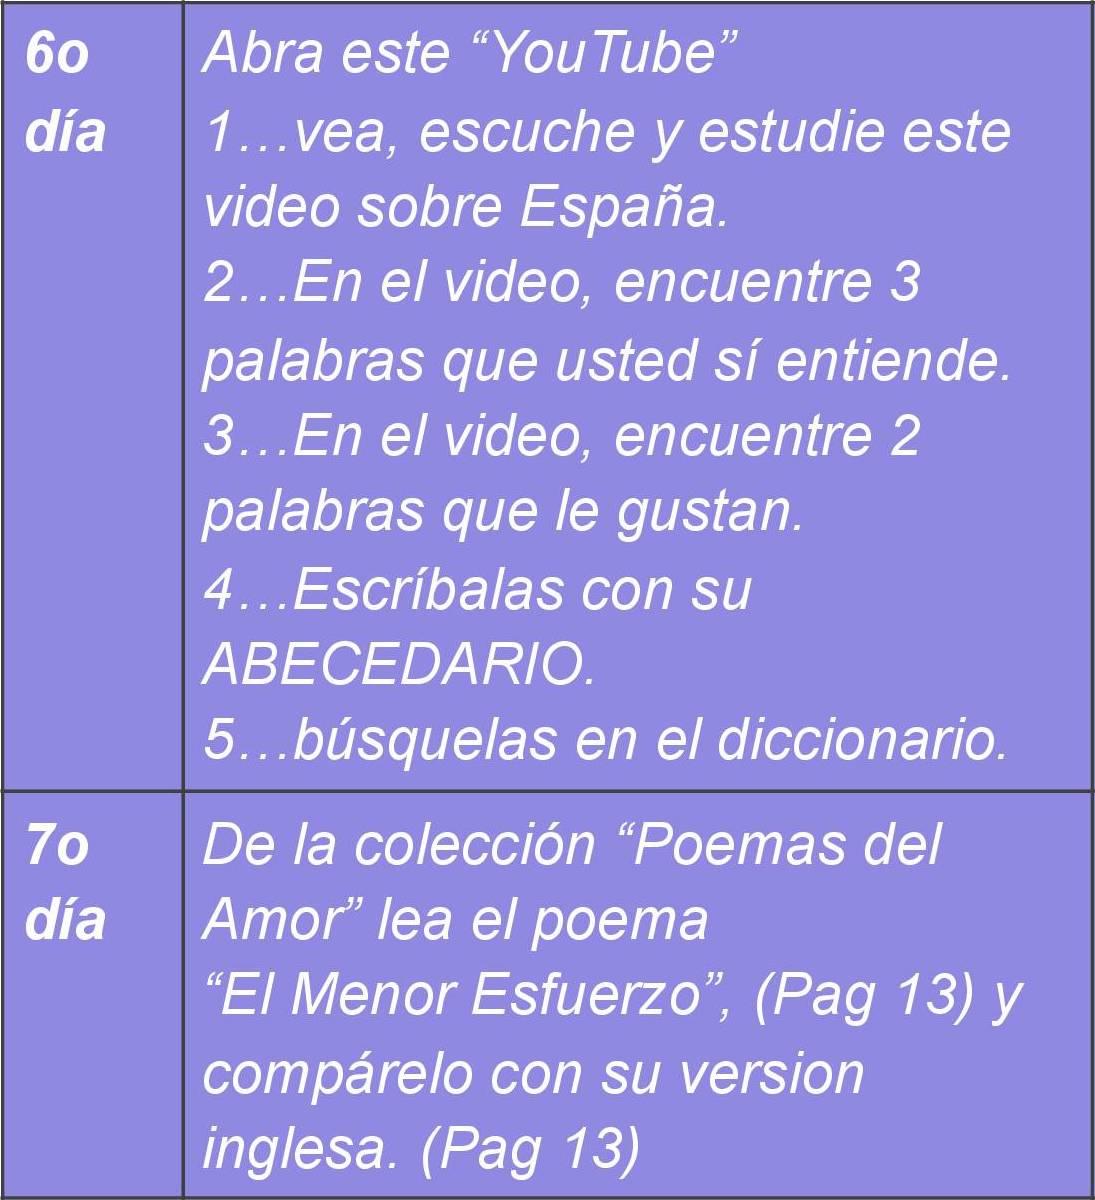 Lesson 6 Homework Instructions-2.jpg